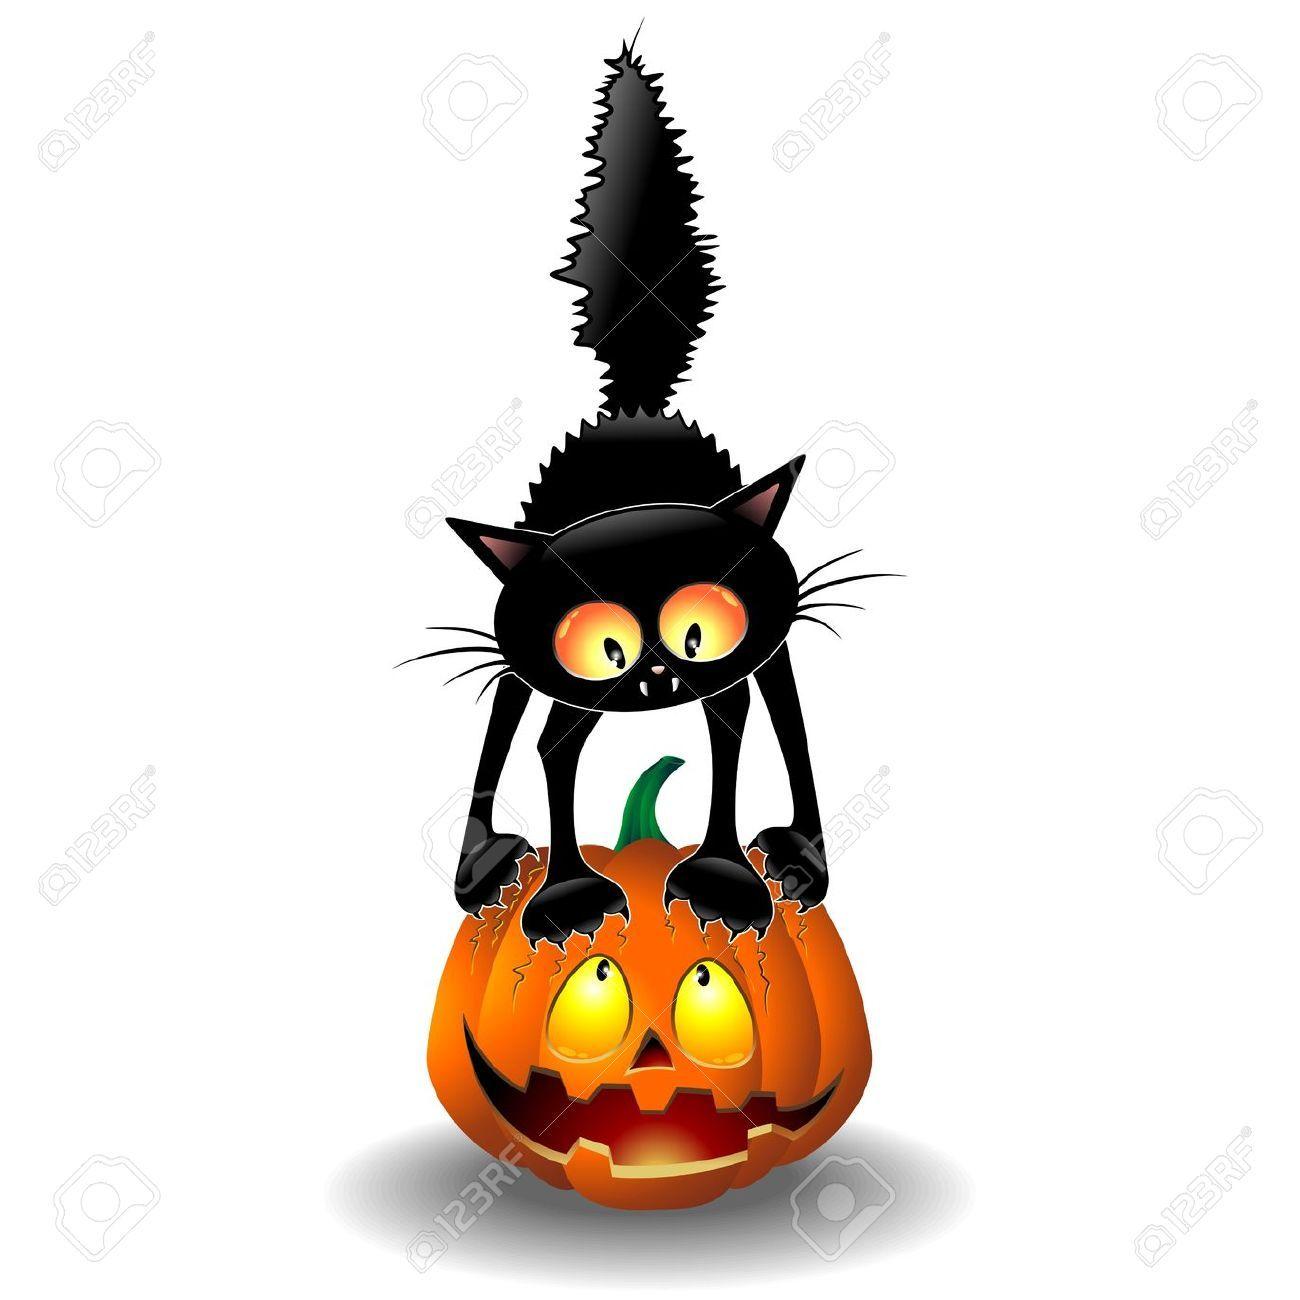 1300x1300 Scared Halloween Cat Cartoon Scratching A Pumpkin So Cute